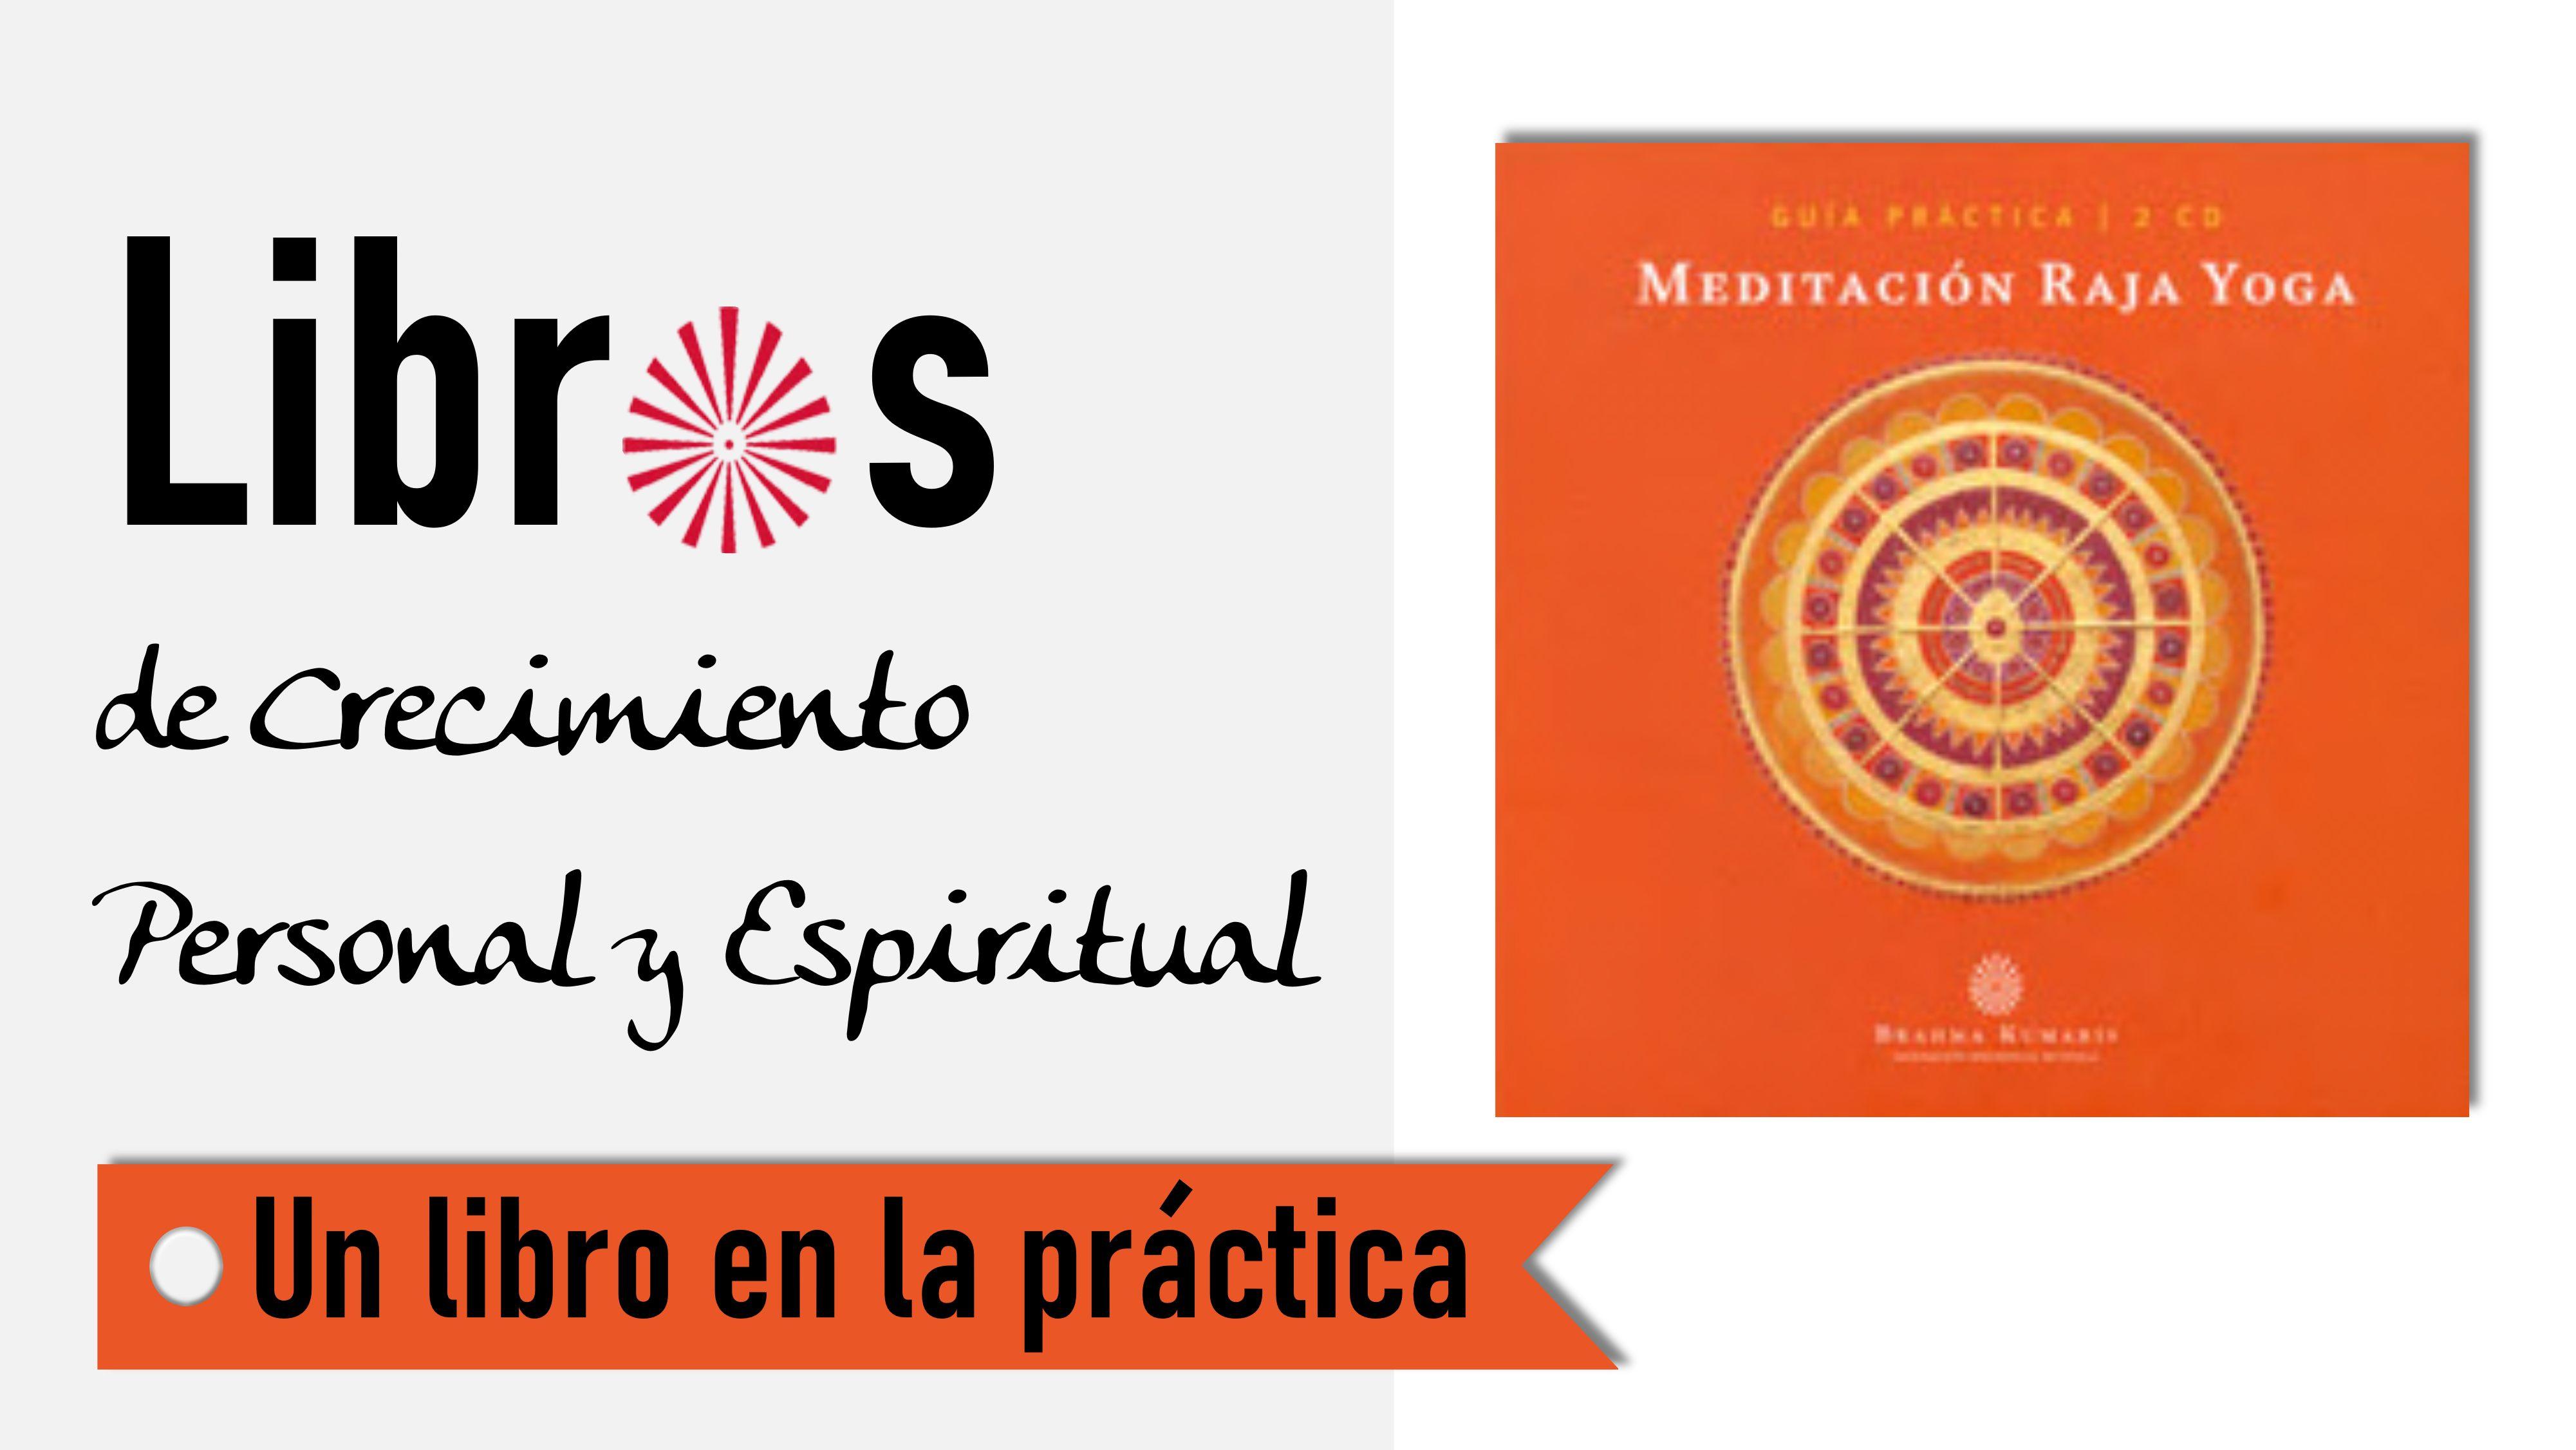 6 Octubre 2020  Un libro en la práctica: Guía práctica de Meditación Raja Yoga